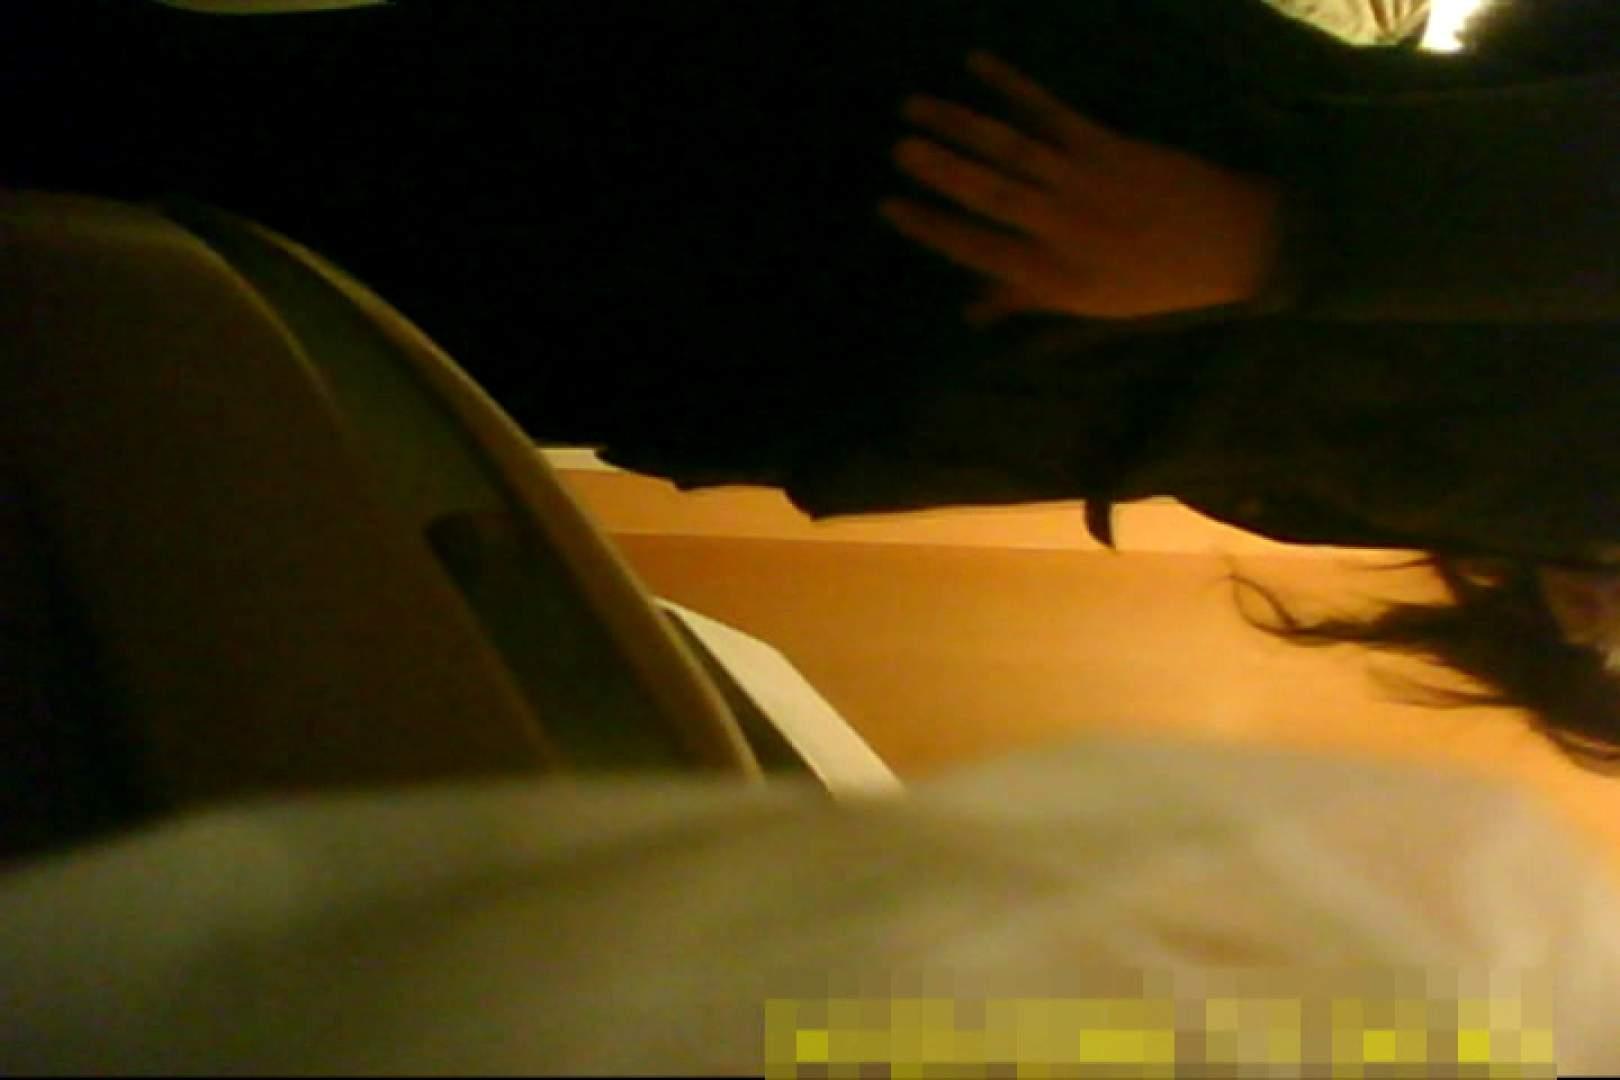 魅惑の化粧室~禁断のプライベート空間~vol.10 美しいOLの裸体  102pic 6